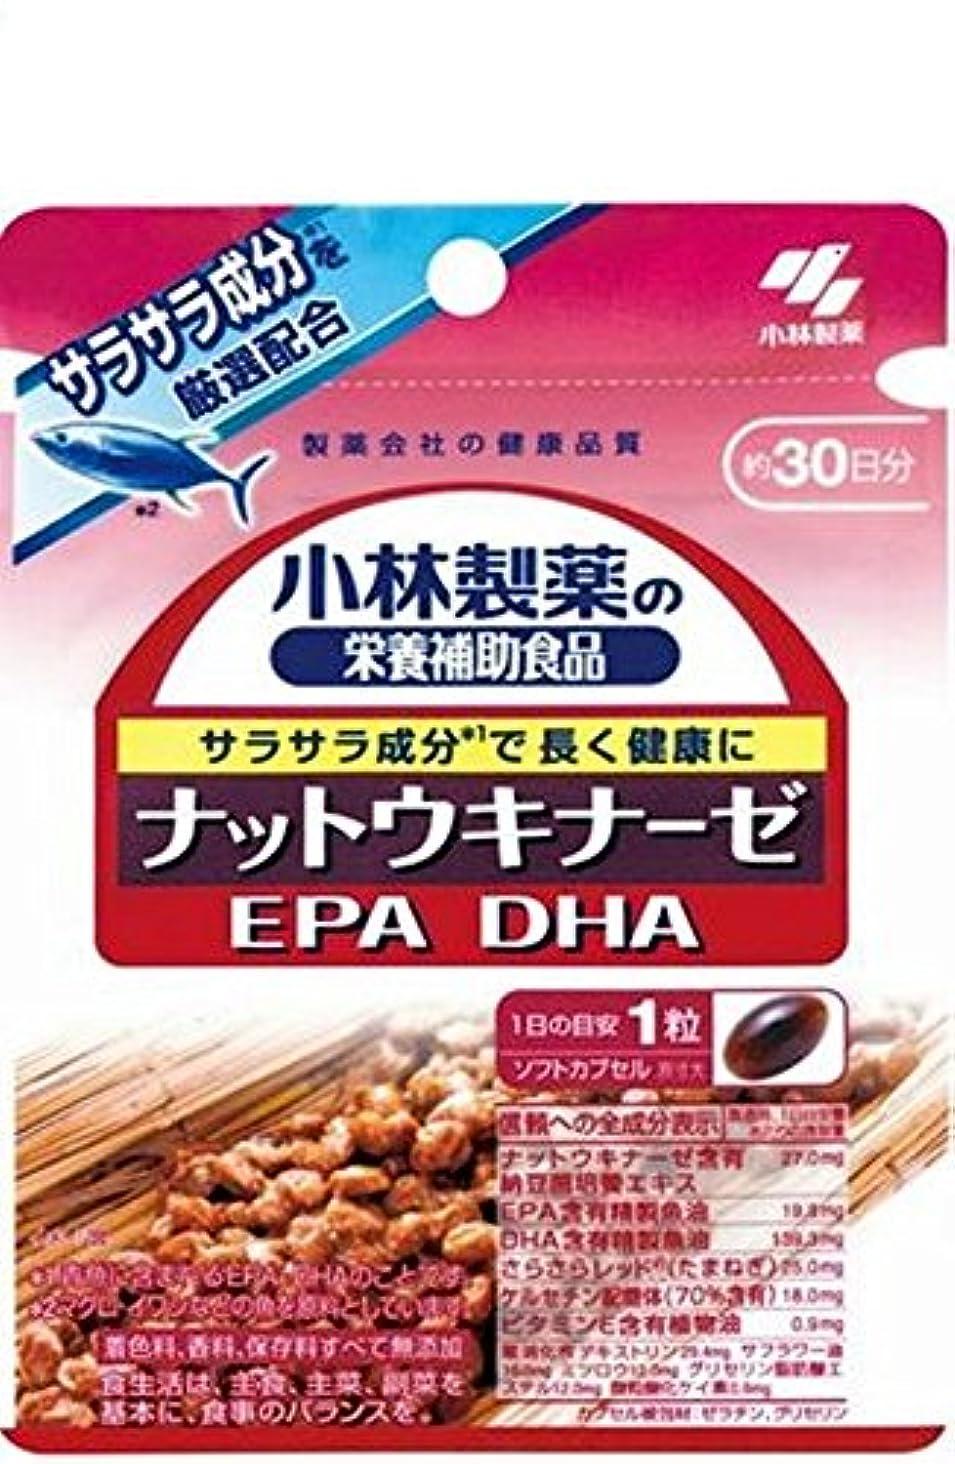 口実文献潤滑する小林製薬 小林製薬の栄養補助食品ナットウキナーゼ?DHA?EPA30粒×2